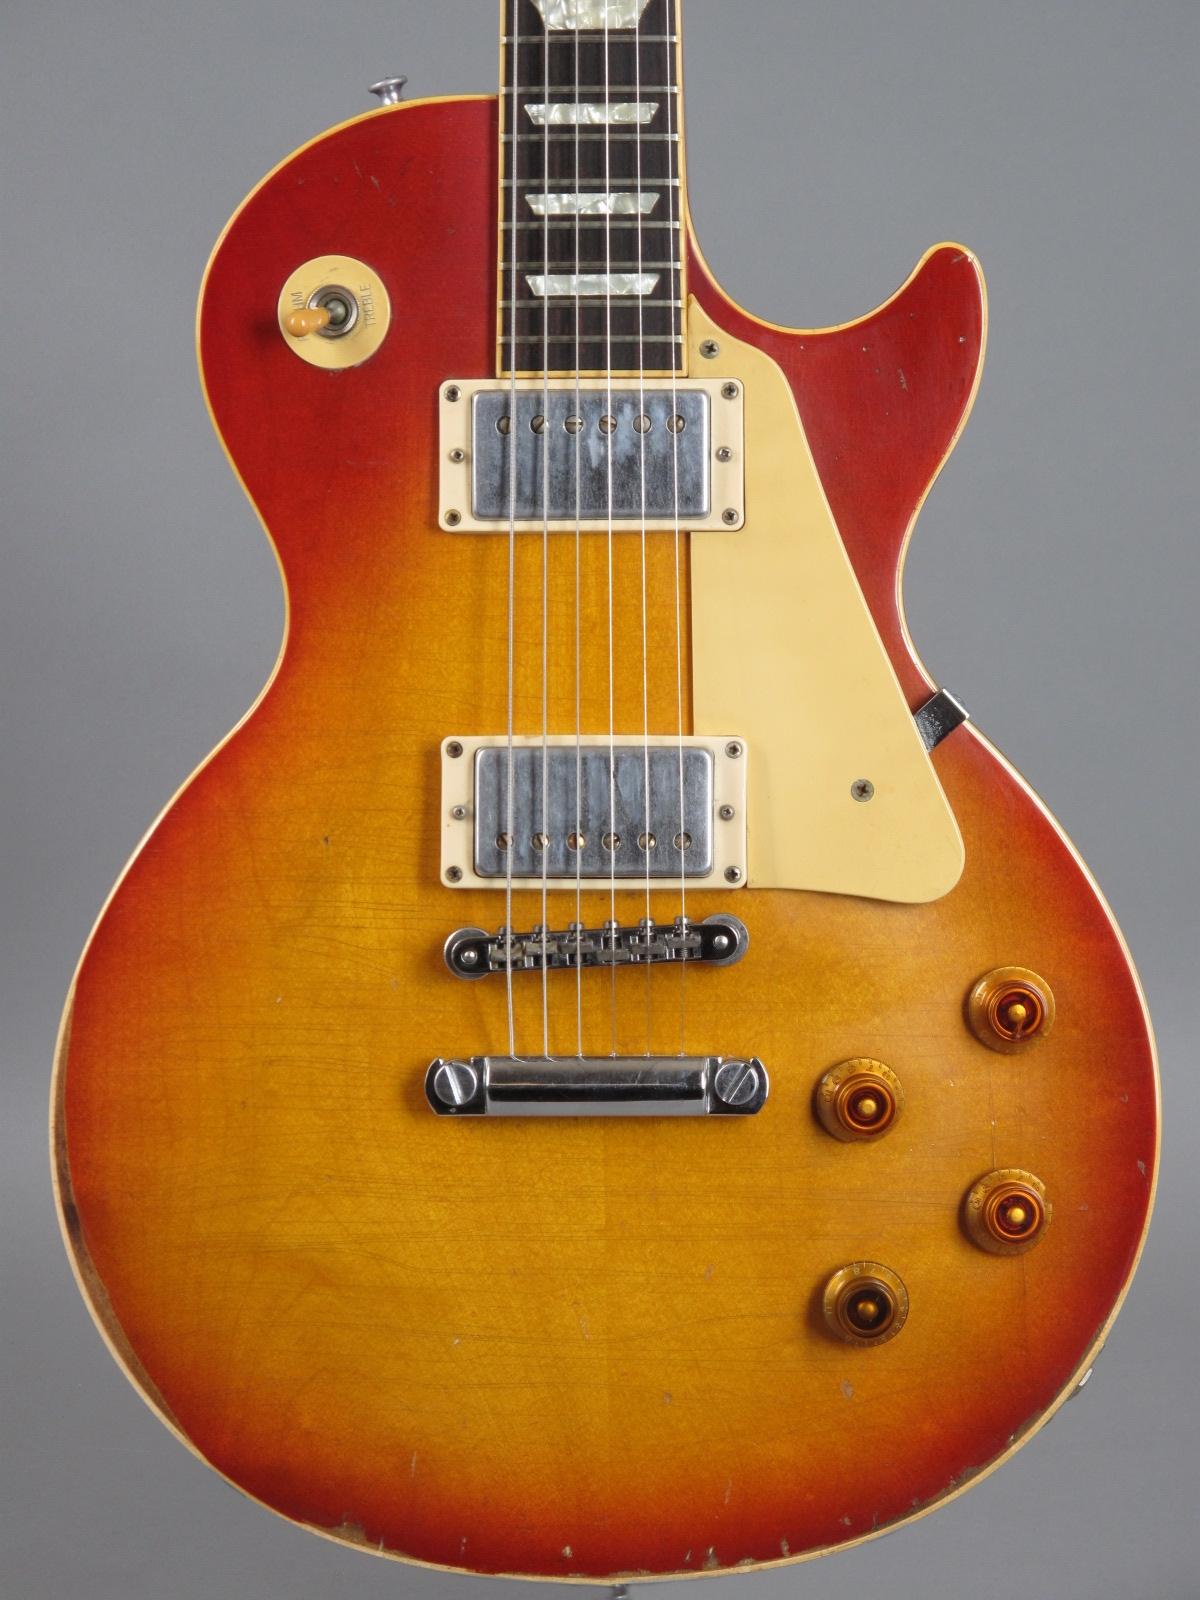 1992 Gibson Les Paul Standard - Cherry Sunburst